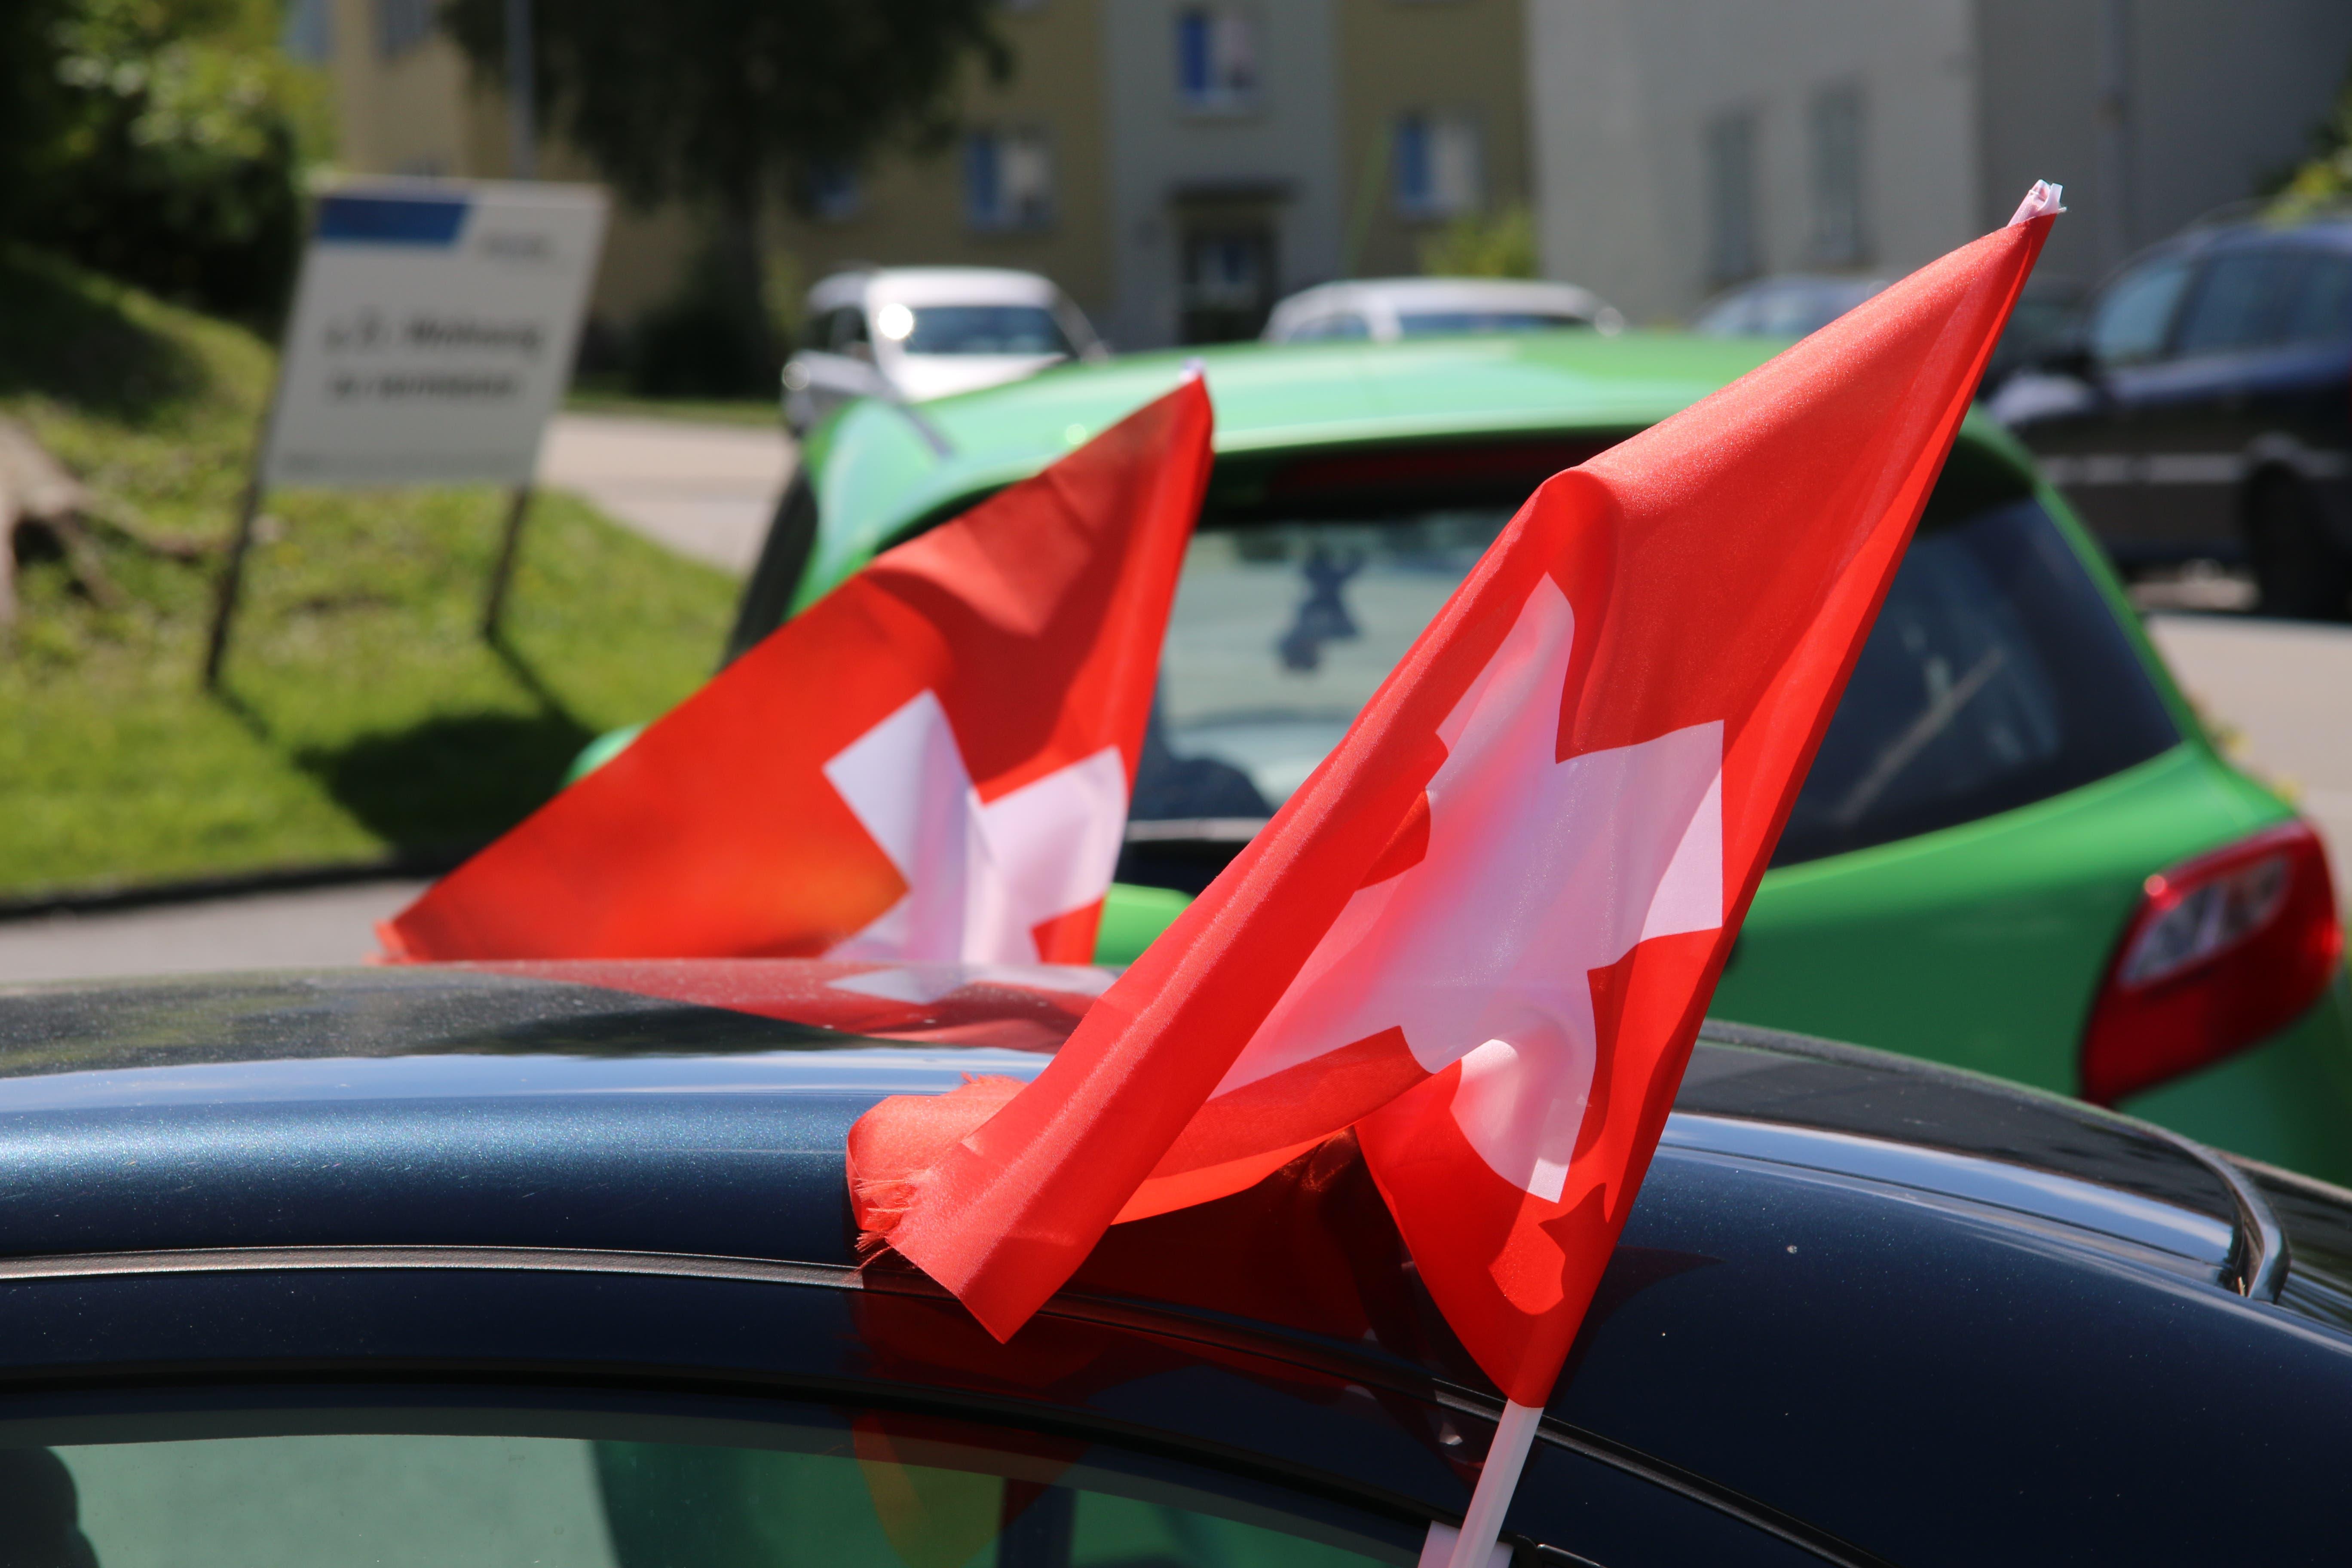 Auch dieser motorisierte Anhänger der Schweizer Nati geht auf sicher: Auto an der Fuchsenstrasse im Osten der Stadt.